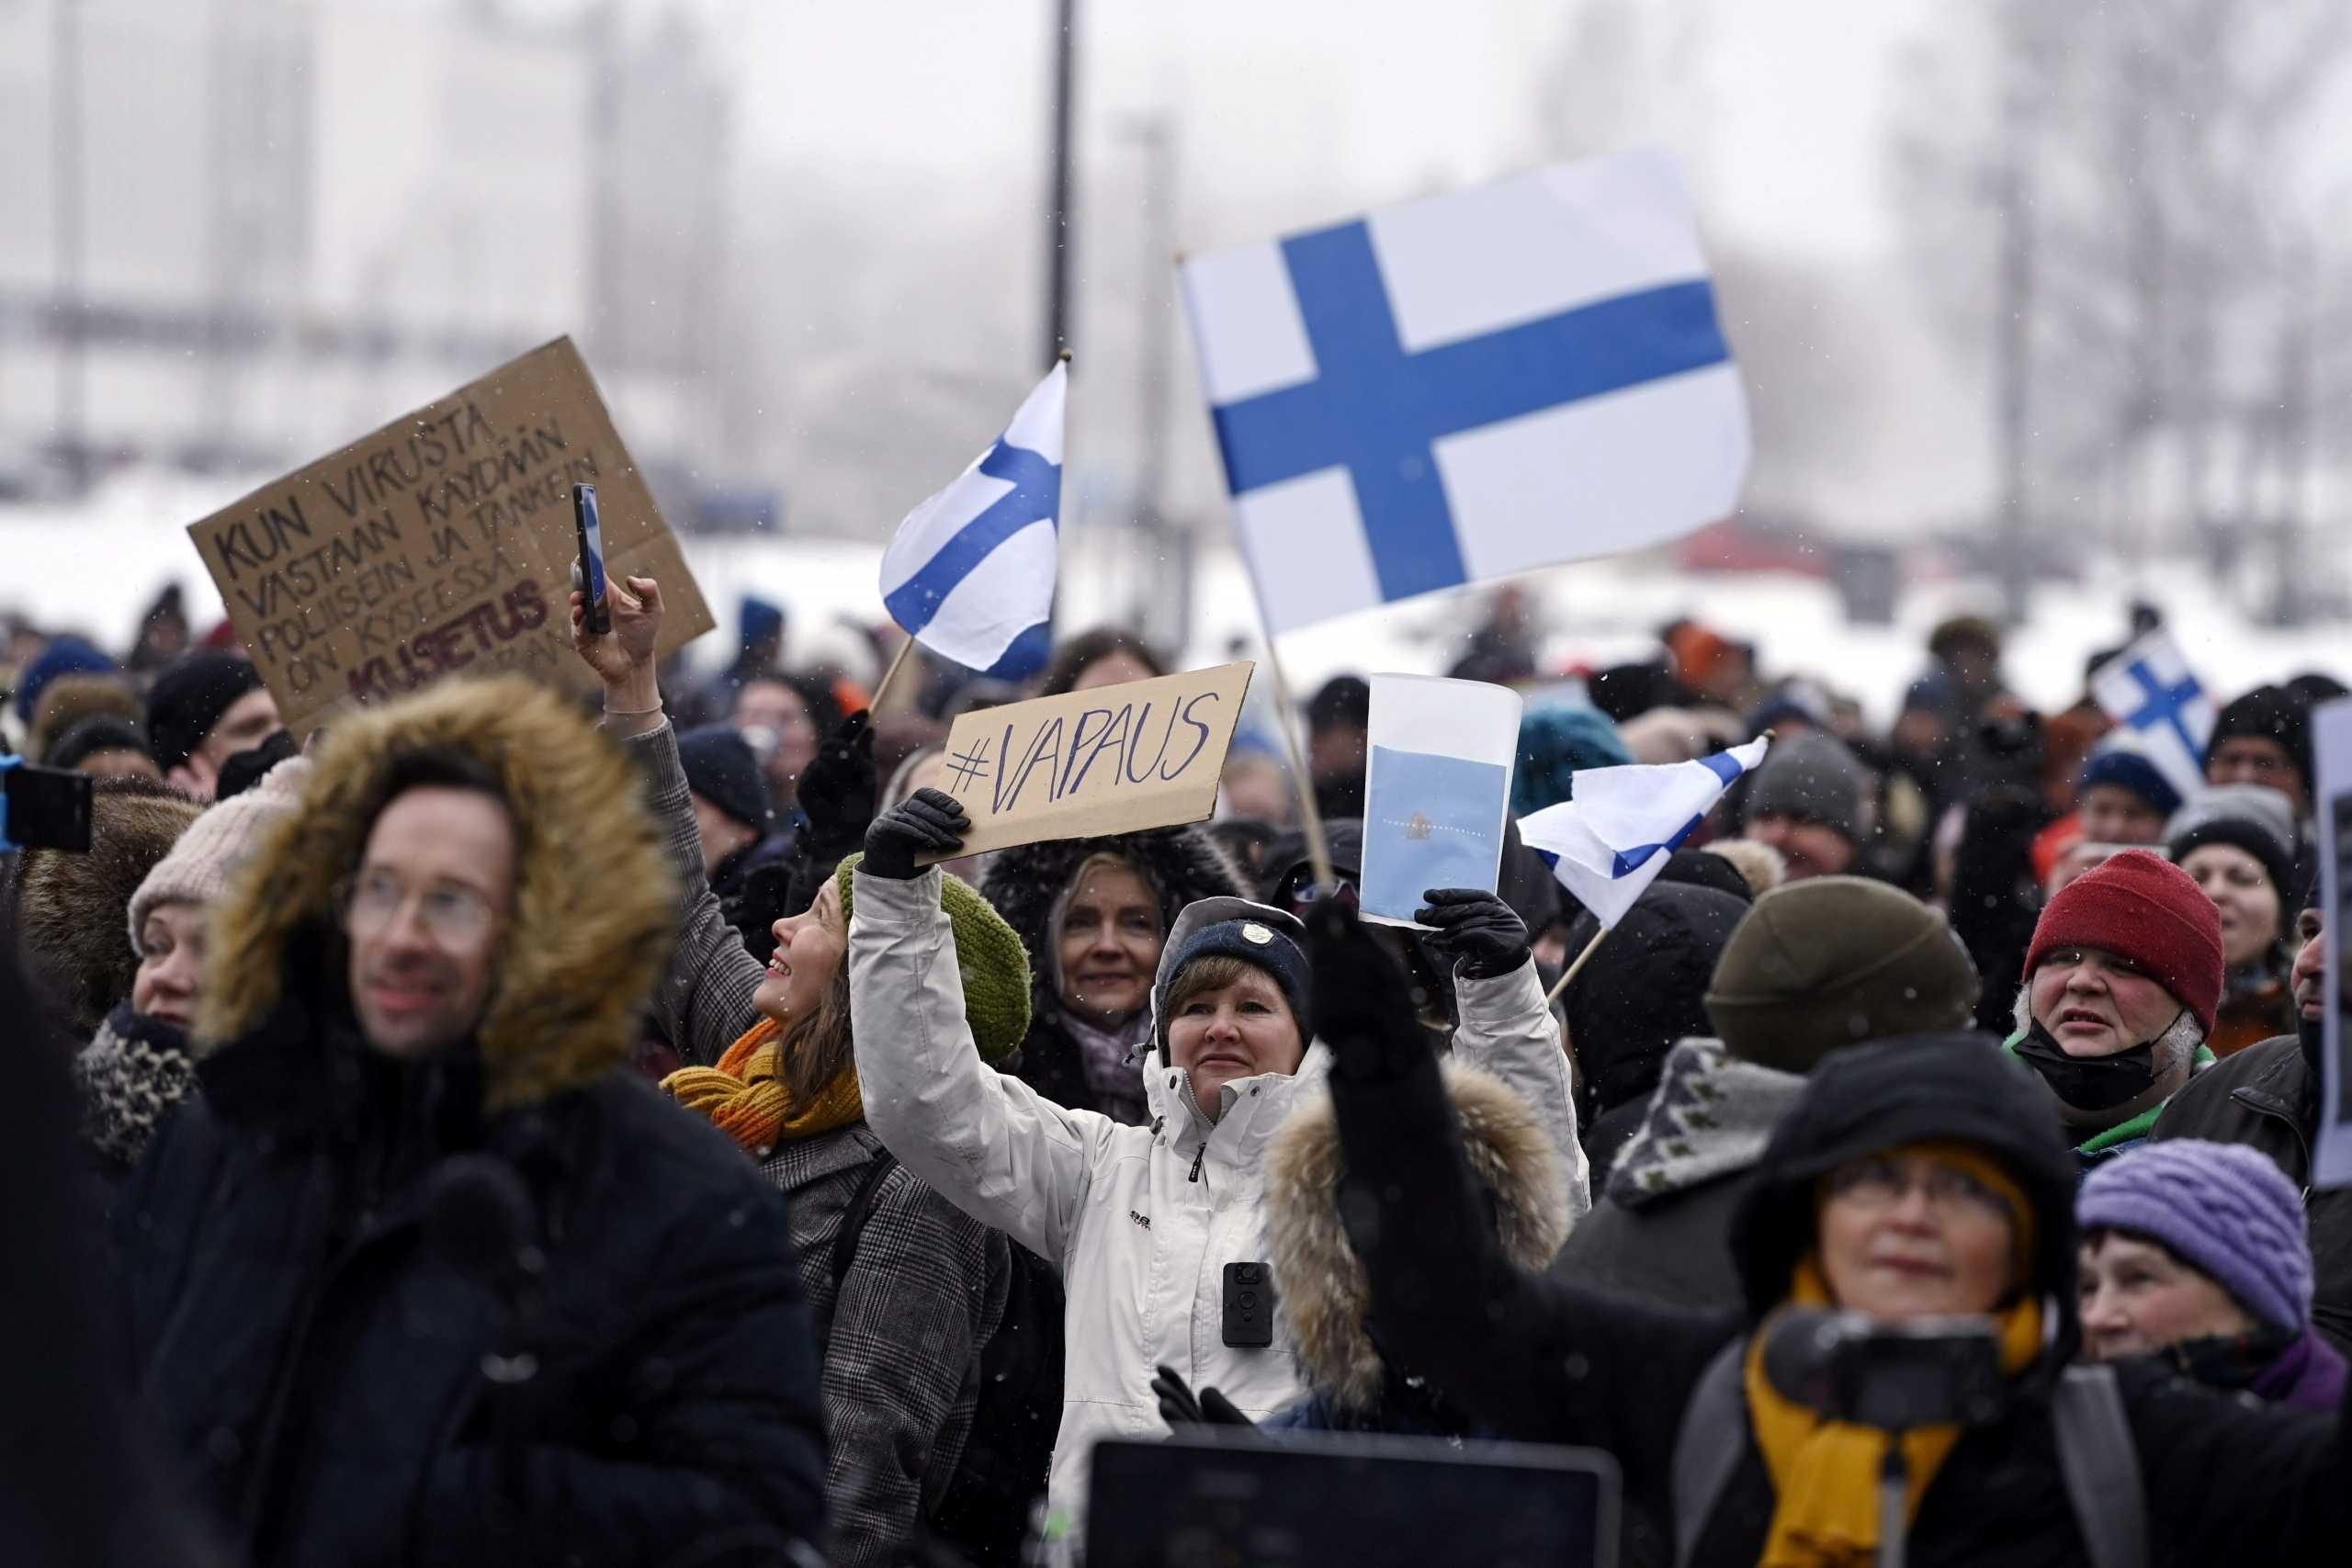 Κορονοϊός: Κατ' οίκον περιορισμός στο Ελσίνκι για πρώτη φορά από το ξέσπασμα της πανδημίας